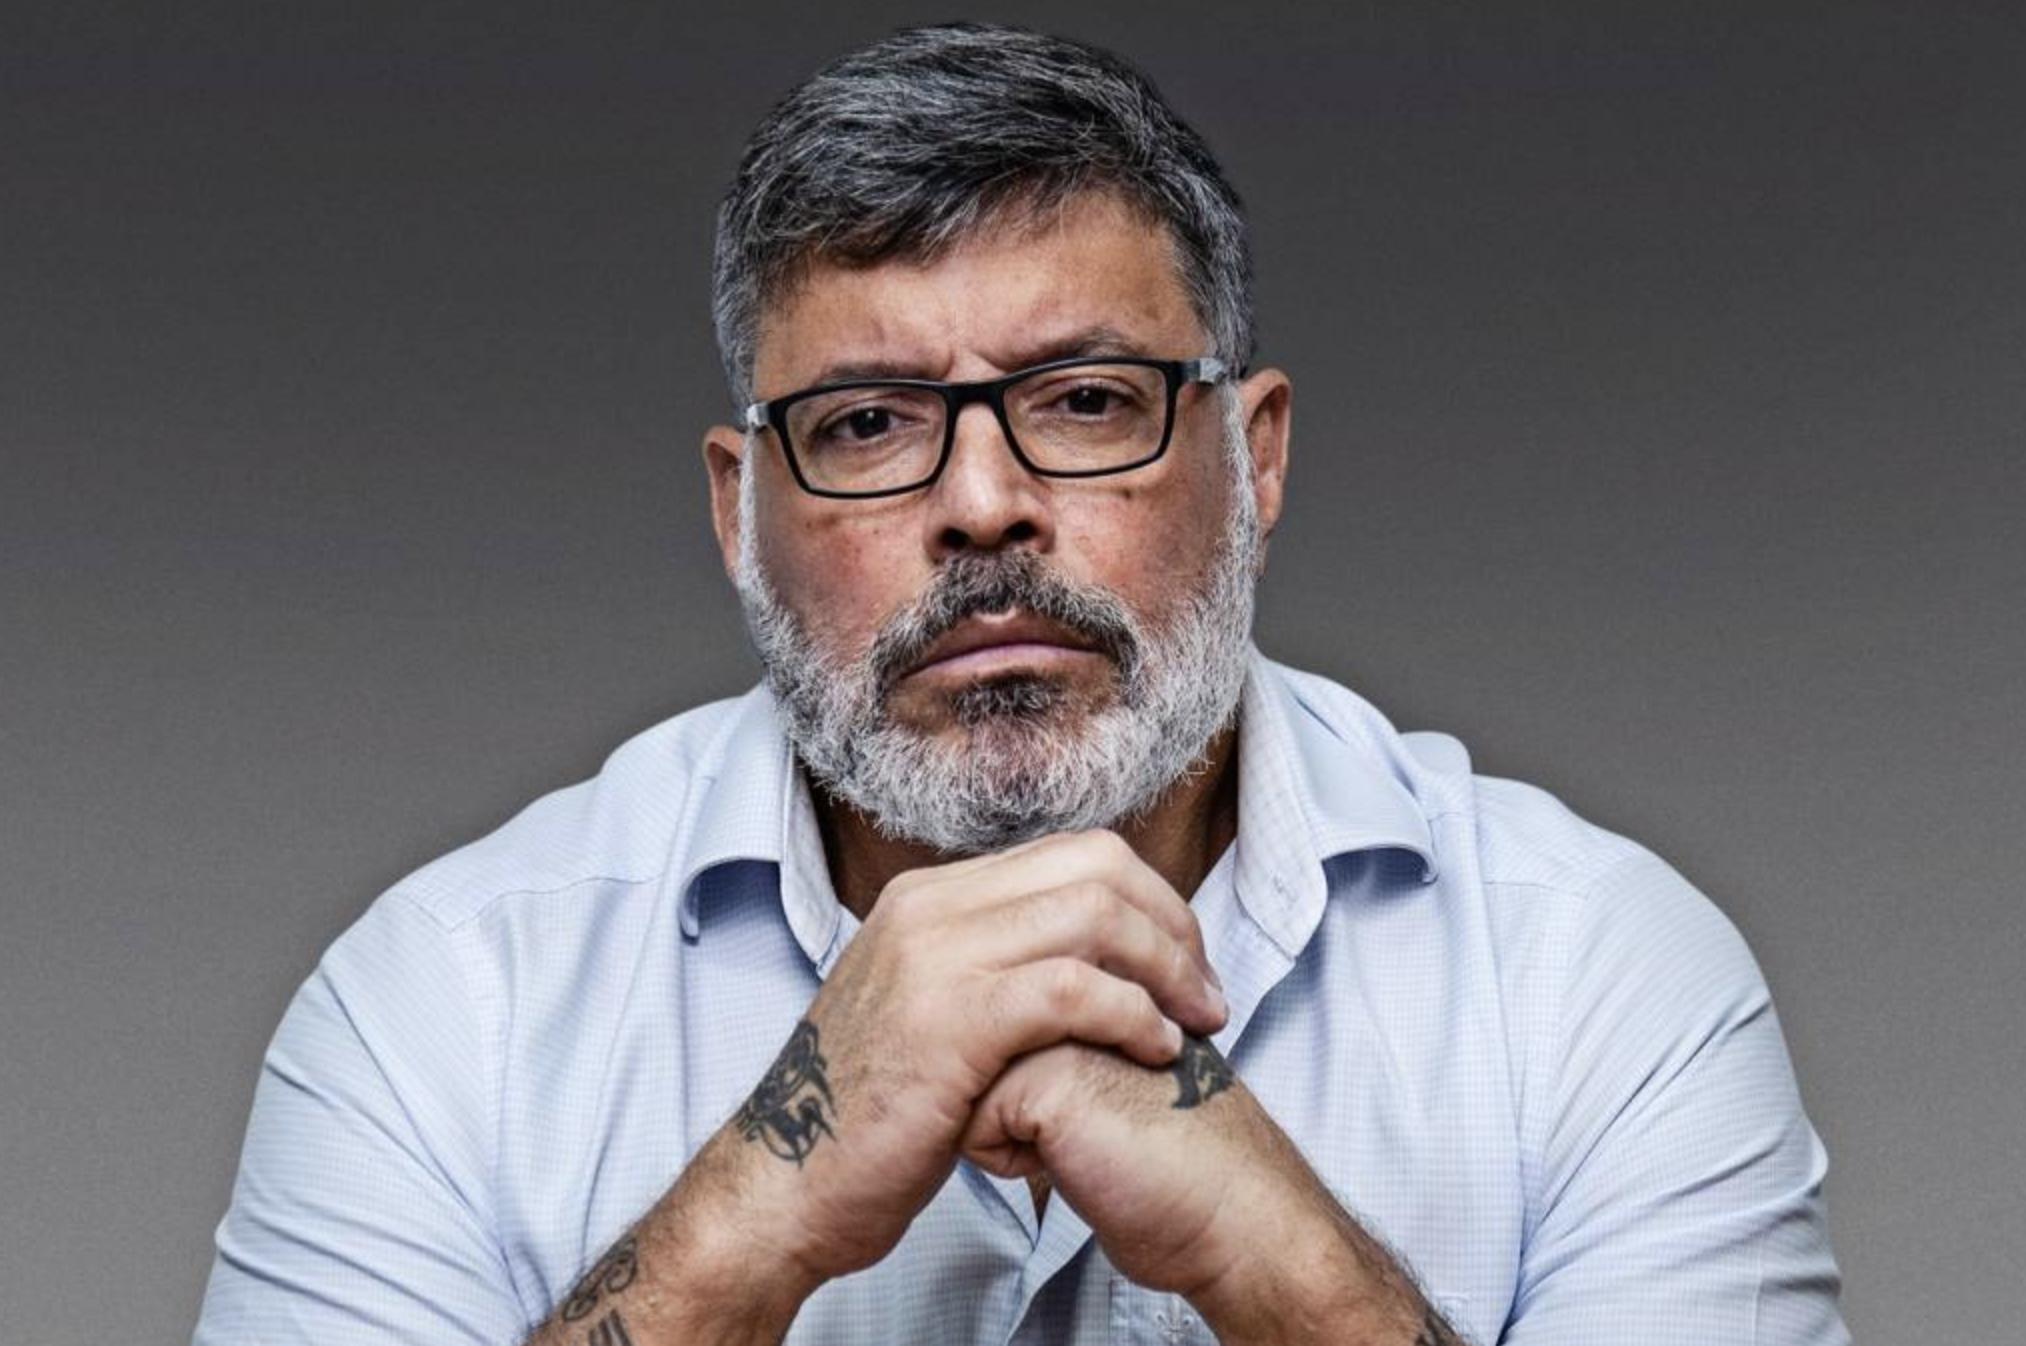 Ainda magro de seguidores, Frota replica até denúncia de petista contra ex-aliado Bolsonaro, que reina nas redes sociais acima da Globo